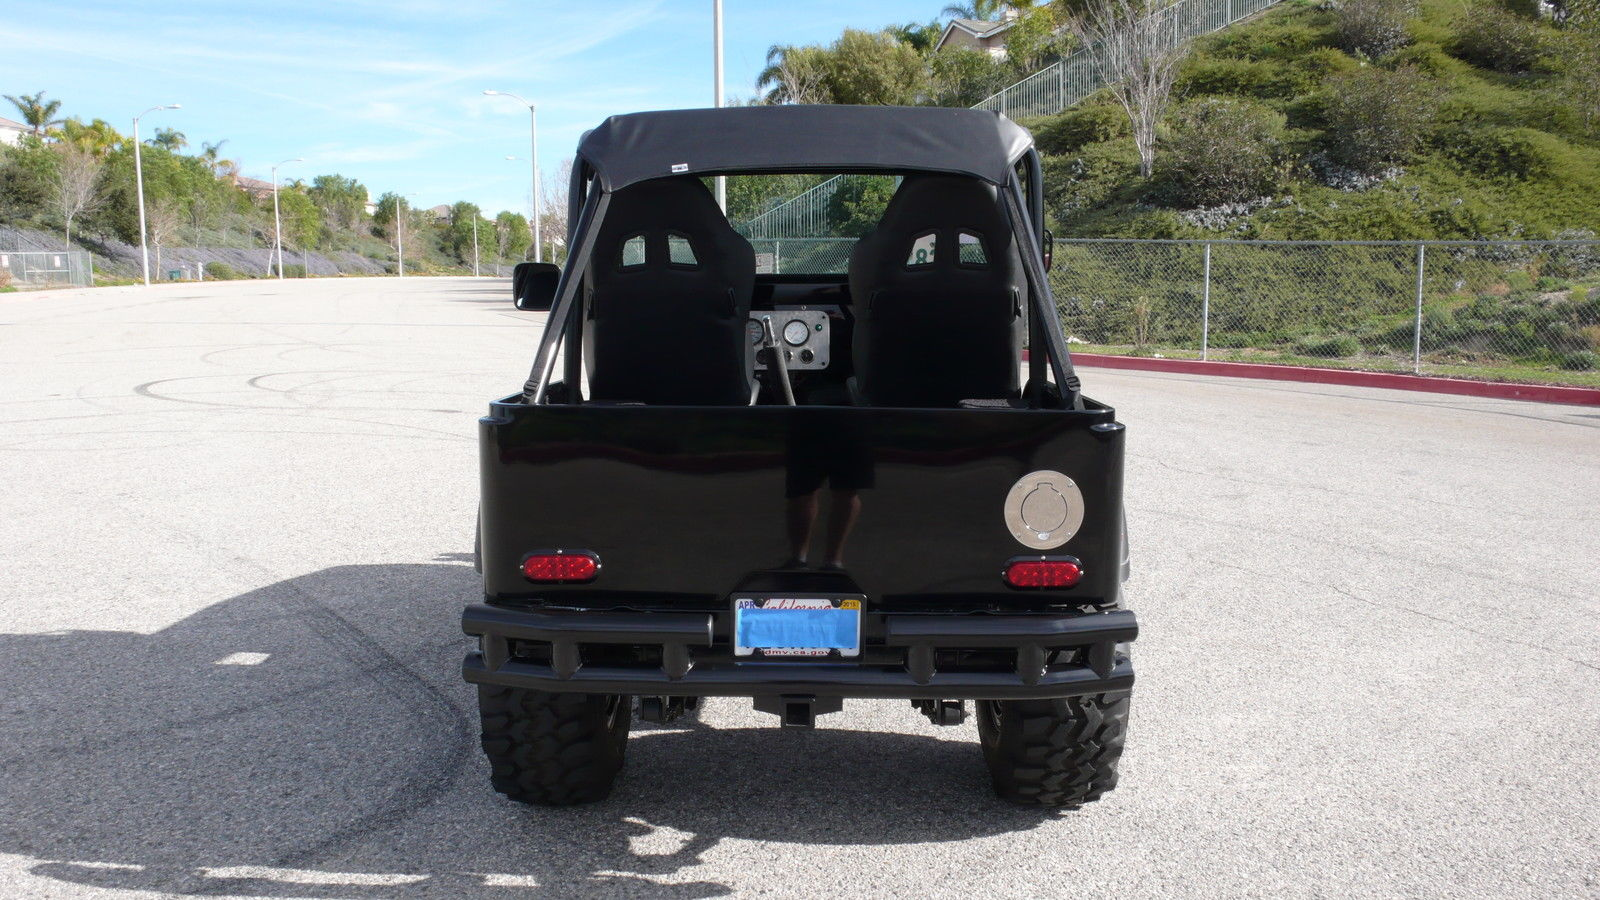 1974 Jeep Cj5 V8 Jeep Cj 4x4 Off Road Rock Crawler